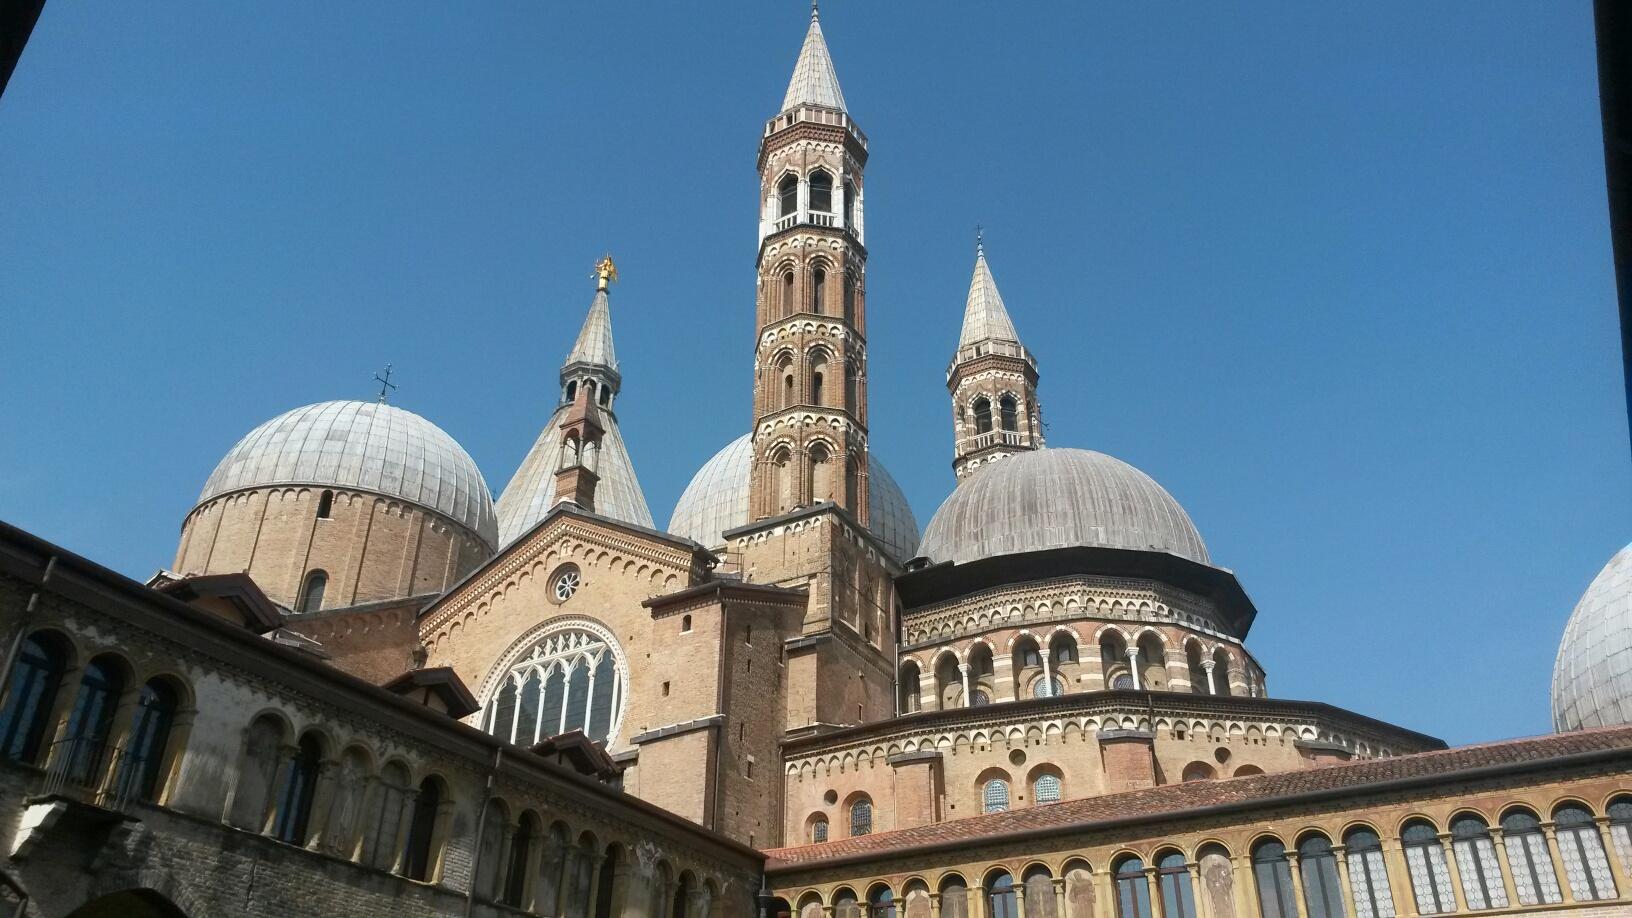 Tradiționalul pelerinaj al greco-catolicilor din Italia la moaştele Sfântului Anton de Padova